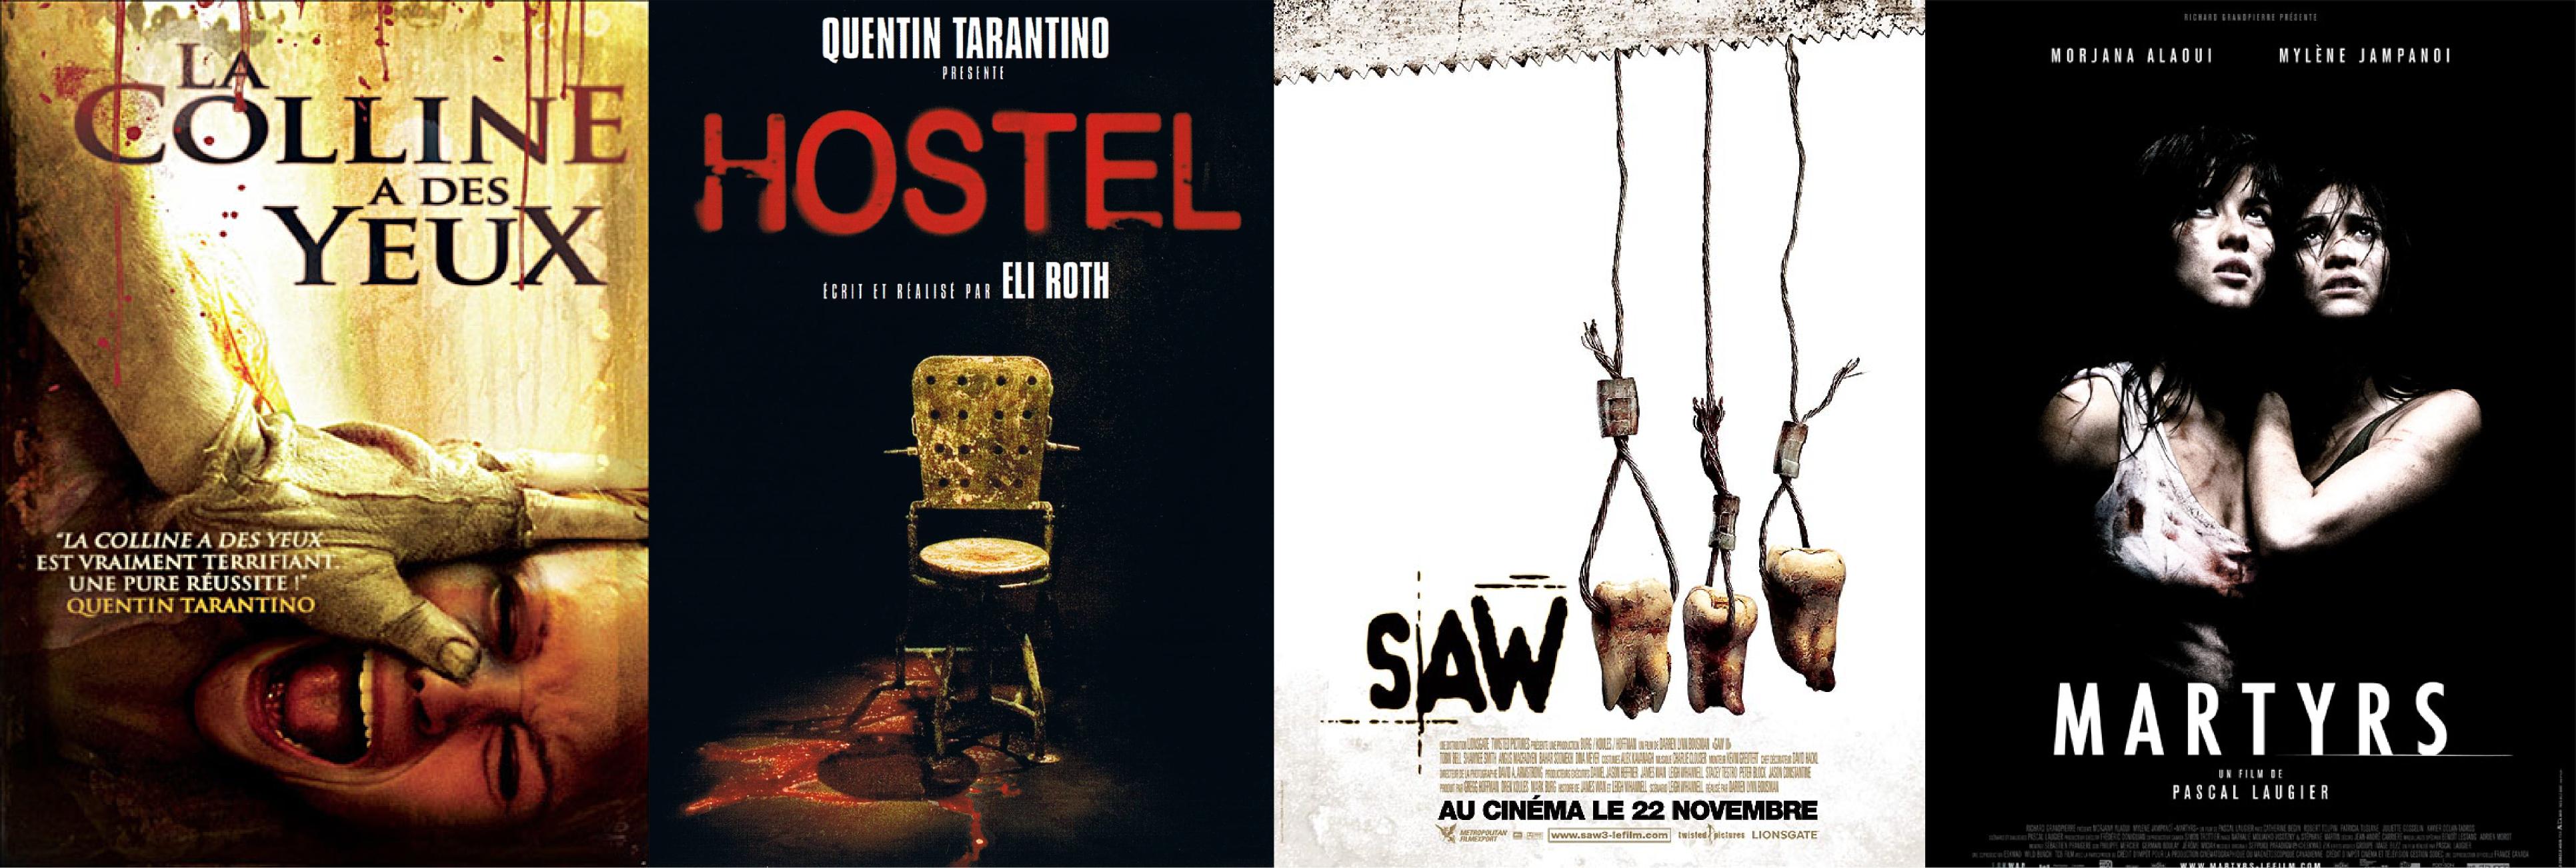 la-colline-à-des-yeux---hostel---martyrs---saw---gore---sanglant---films-d'horreur